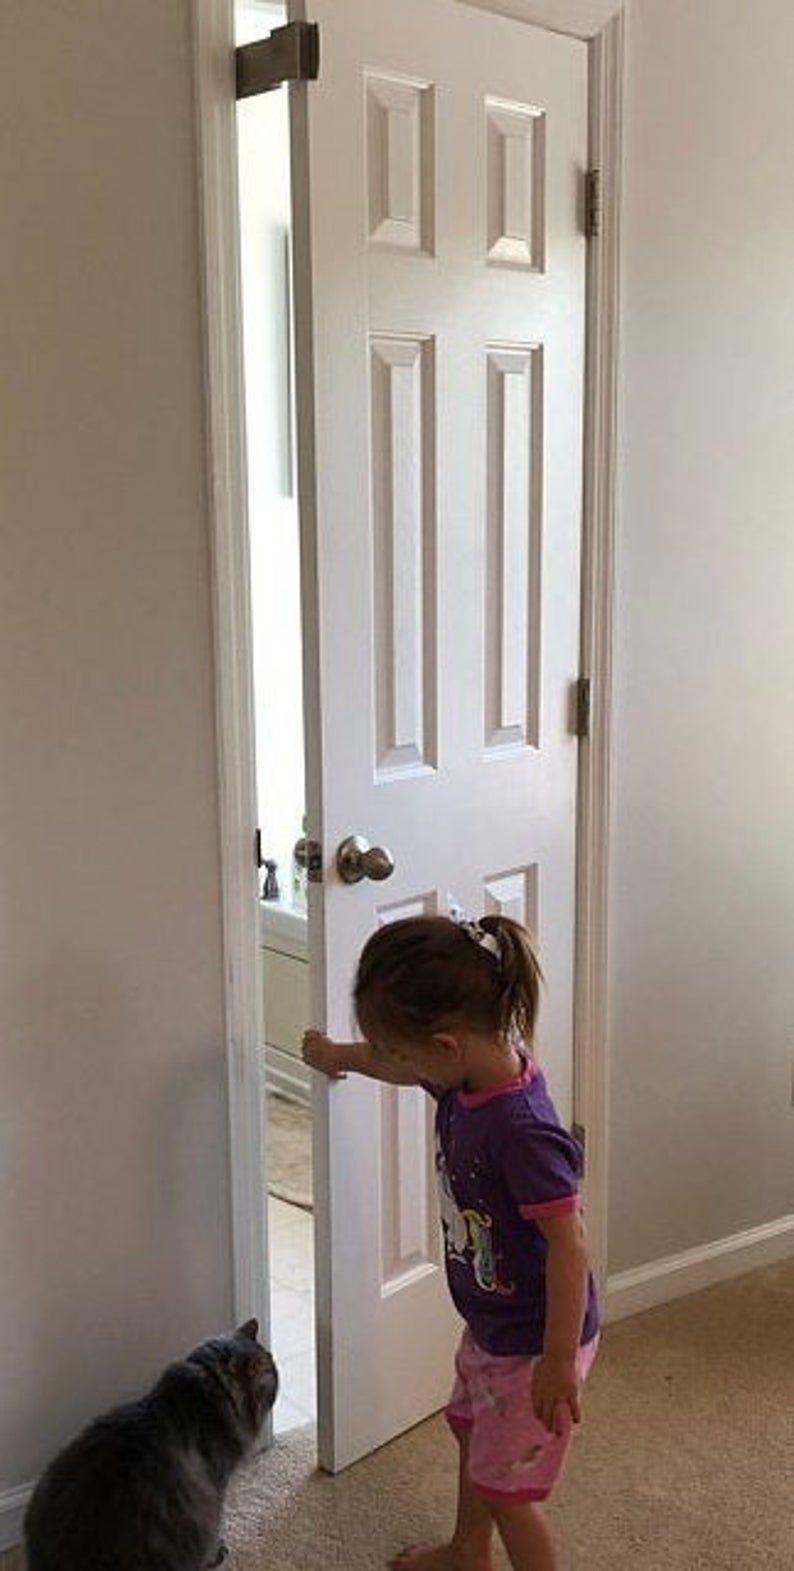 Thedoorlatch Cat Door Latch Holds Door Open Cat Latch Etsy In 2020 Hold Door Open Door Latch Prop Door Open